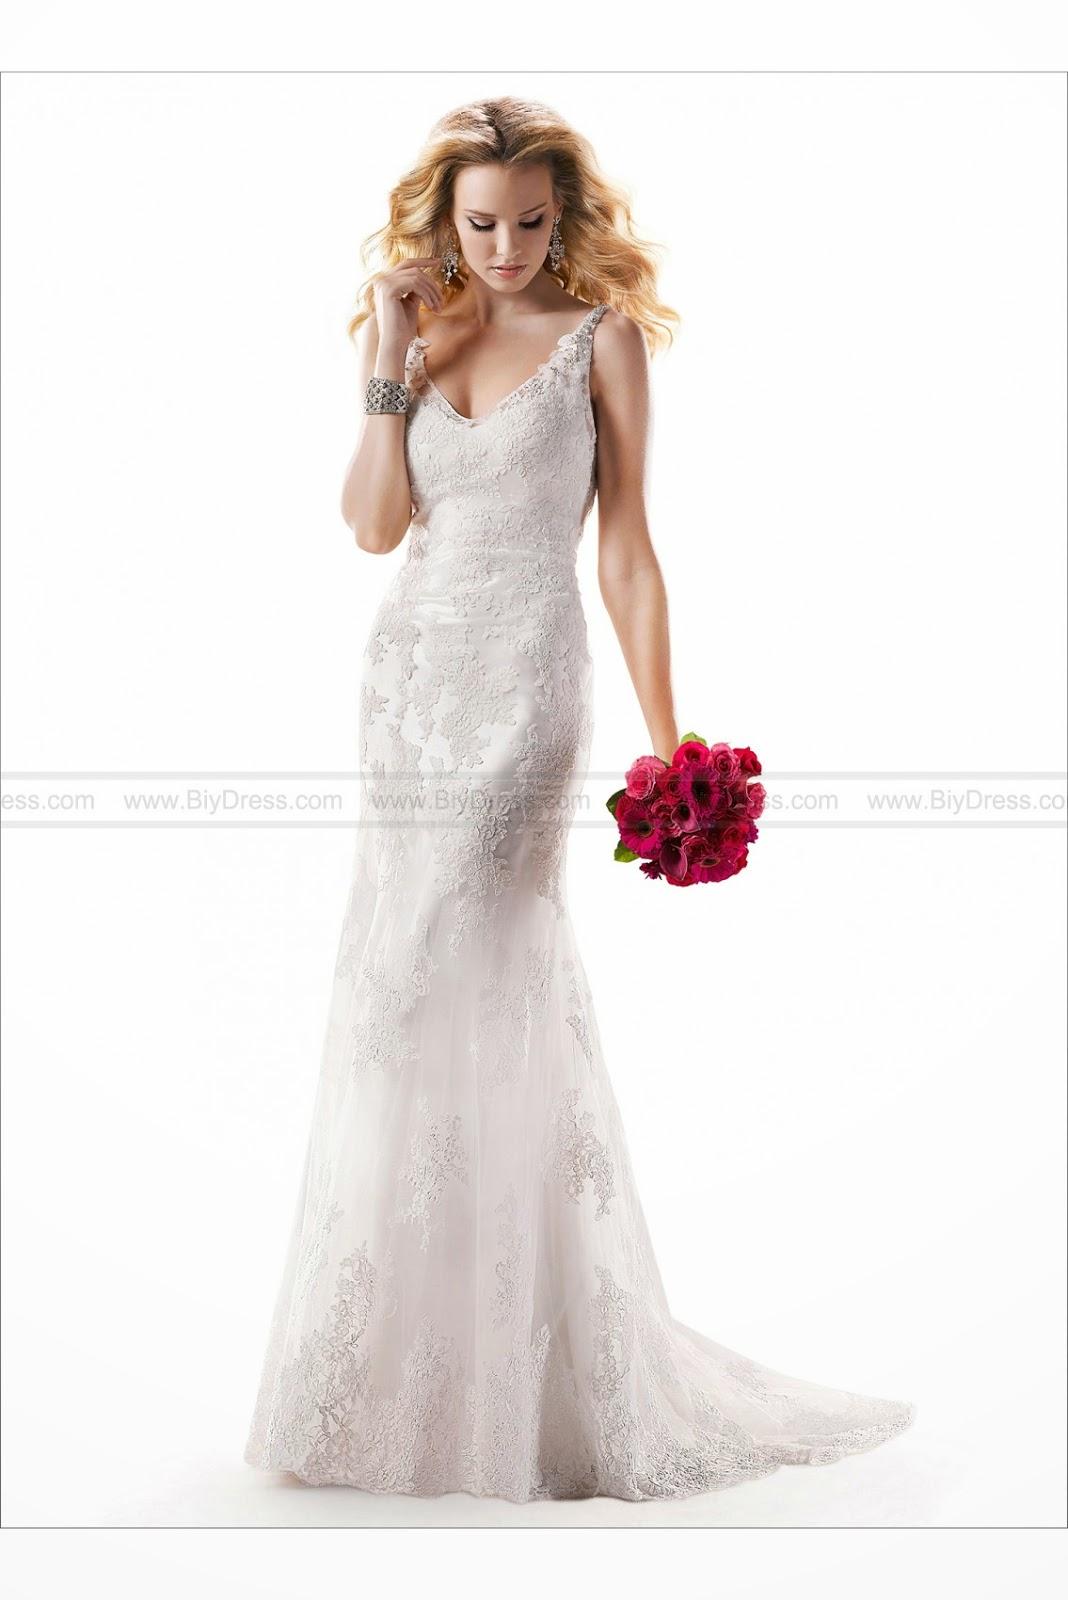 2016 Cheap Wedding Dresses Online at biydress.com: Beautiful bride ...